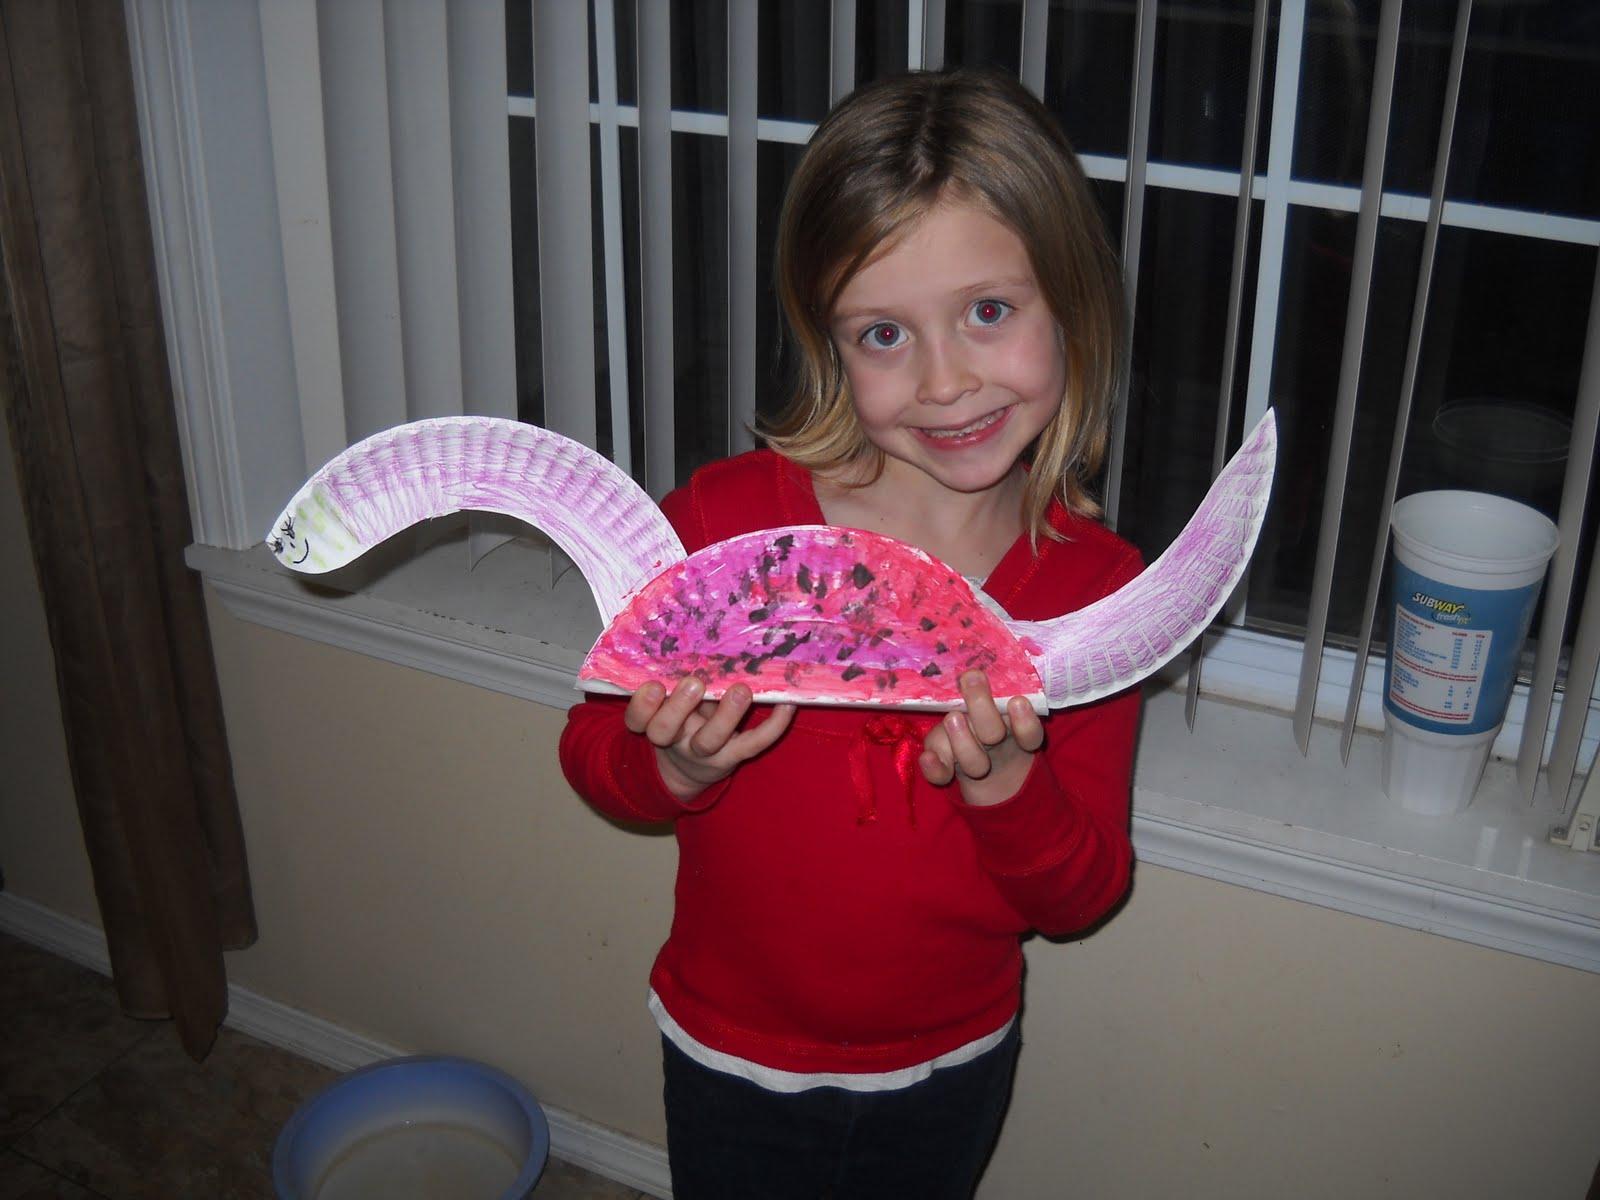 The Little Homeschool Kindergarten Dinosaur Activities